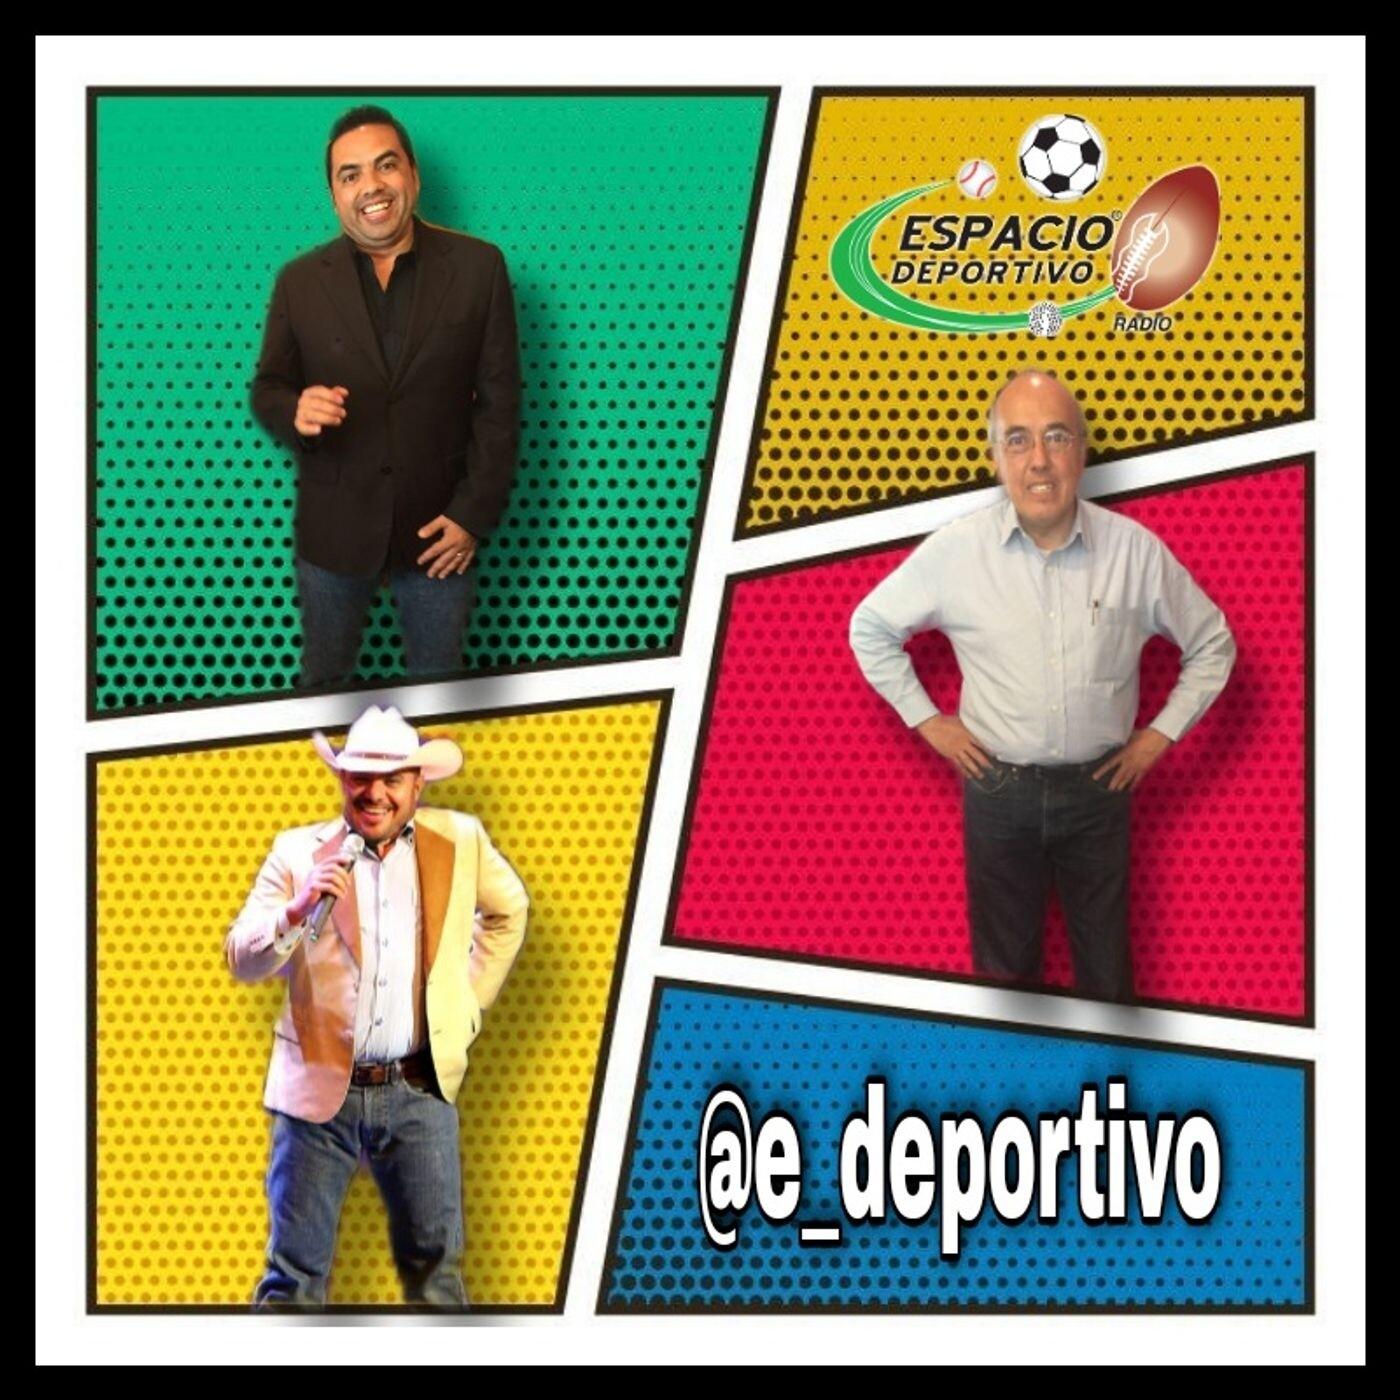 El trio de paqueteados prófugos de las pandemias en Espacio Deportivo de la Tarde 19 de Octubre 2020